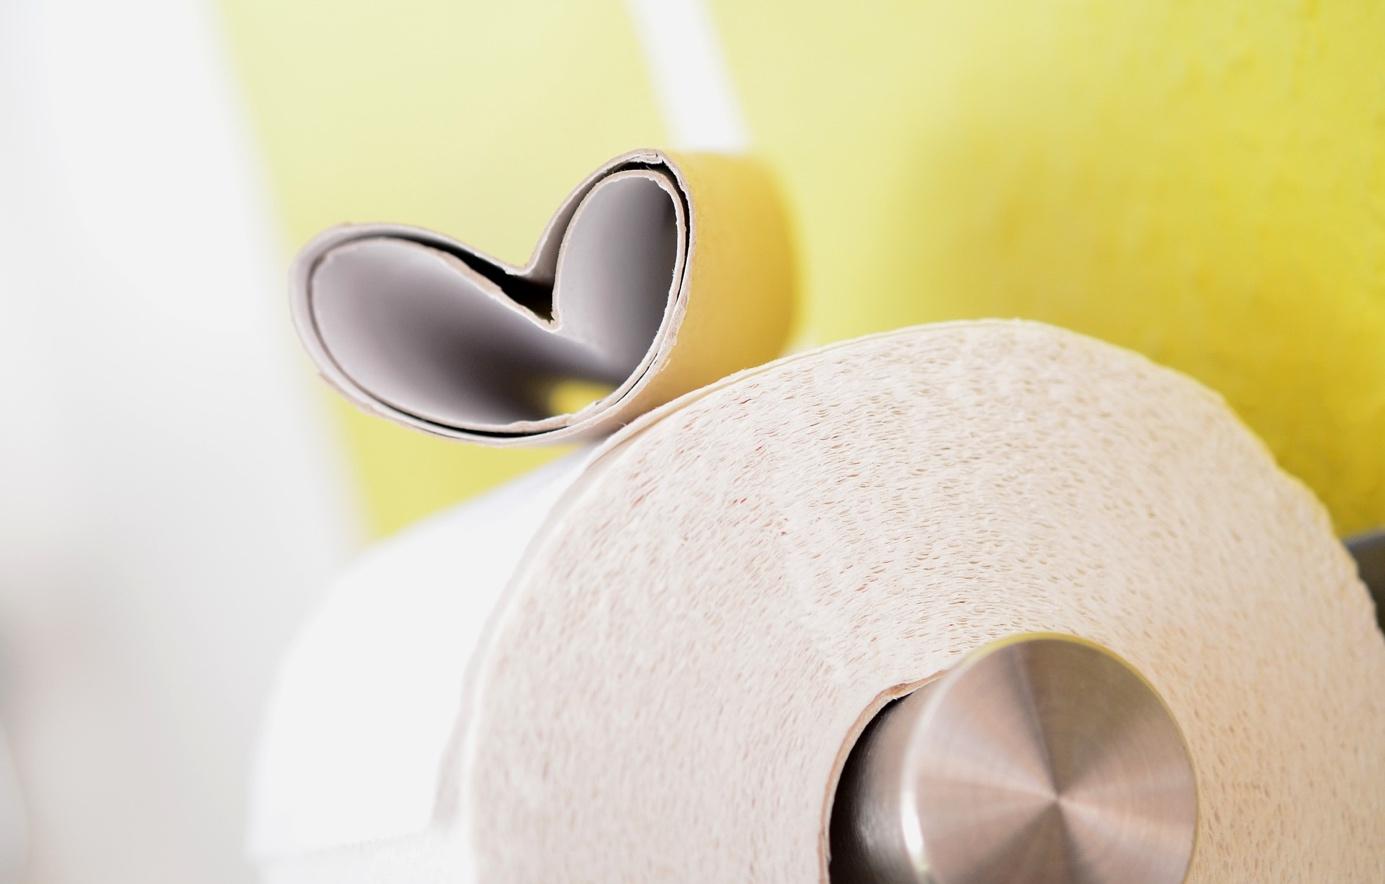 Comment choisir un porte papier toilette?